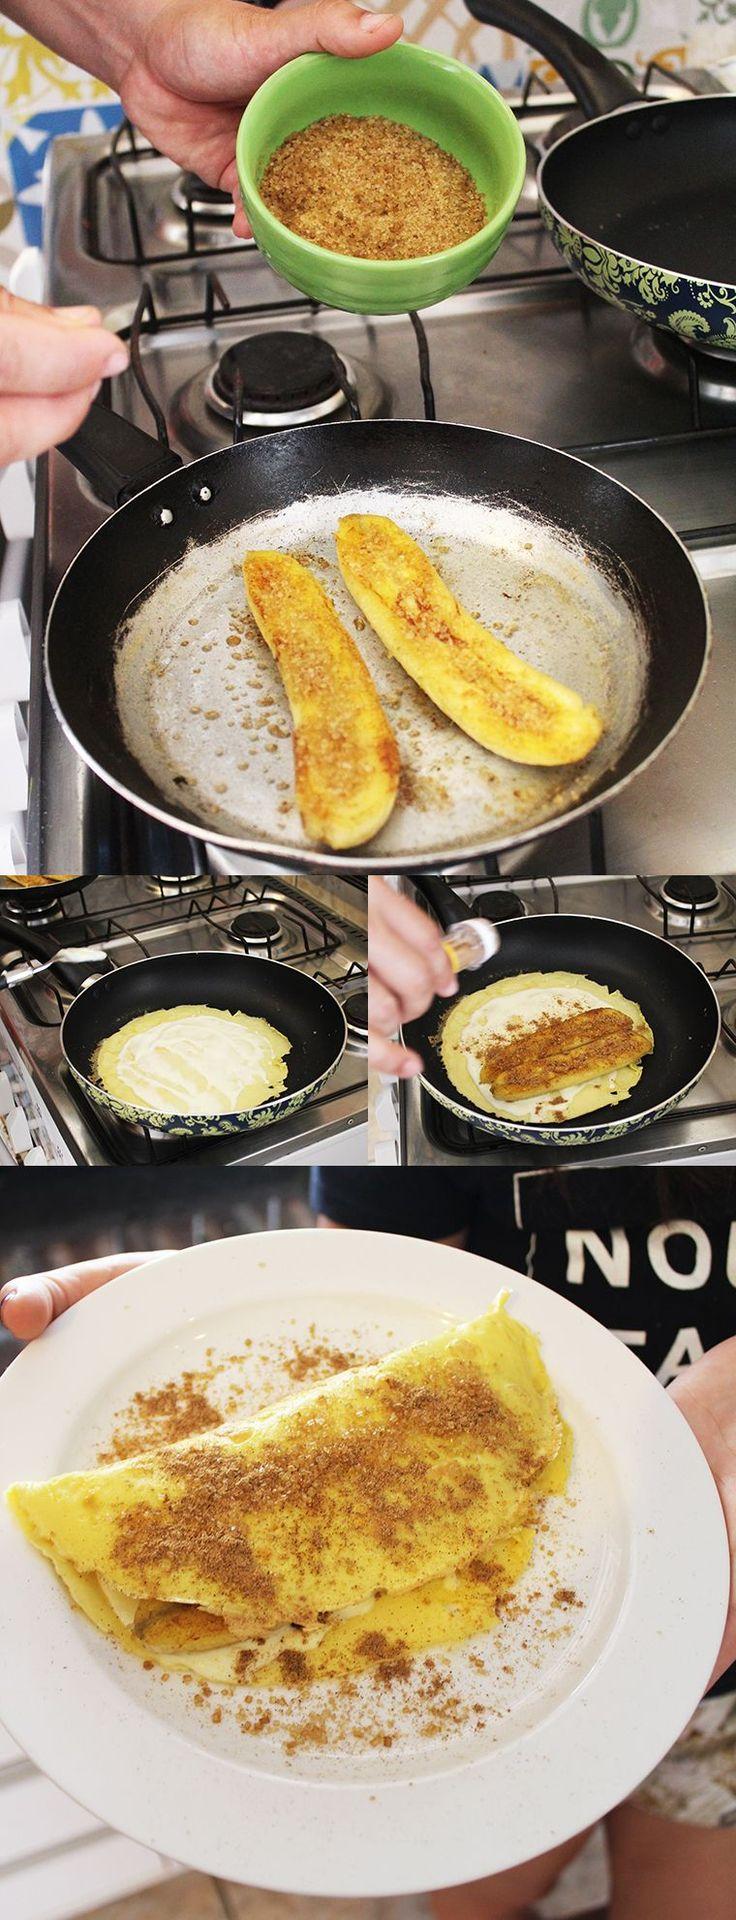 Crepioca de banana assada com açúcar demerara e canela